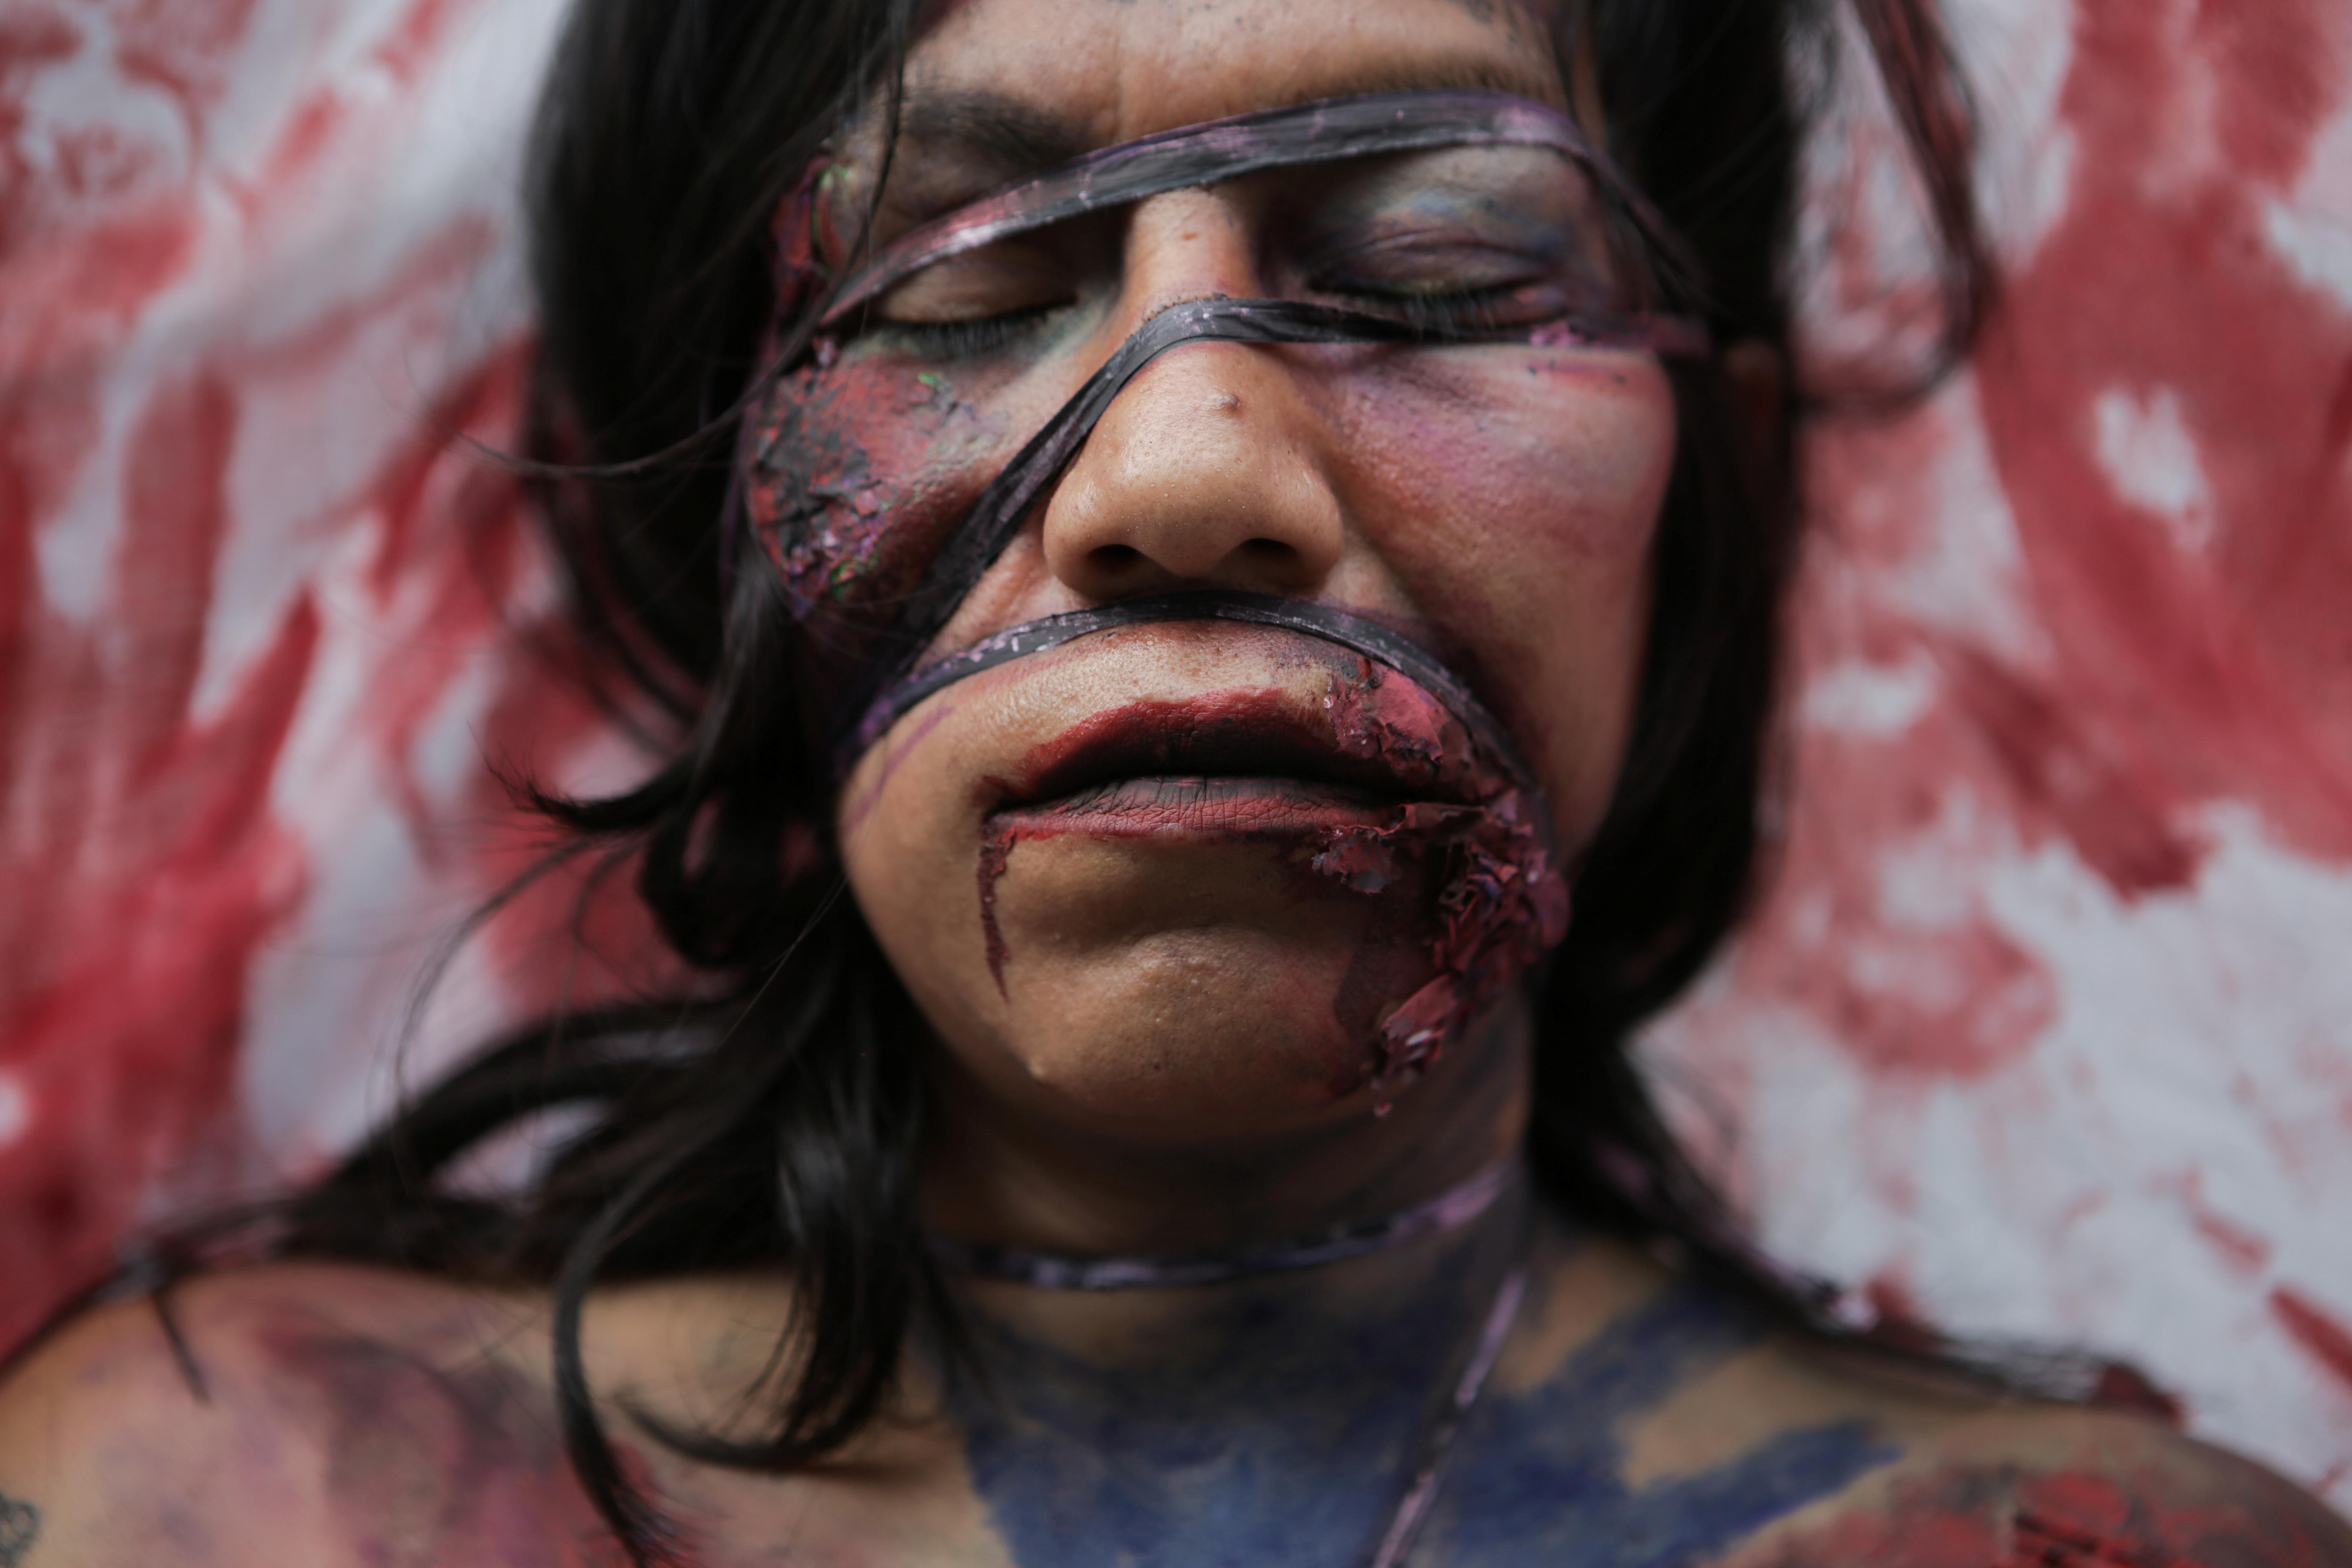 Una integrante de un colectivo feminista actúa fuera de las instalaciones del edificio de la Comisión Nacional de Derechos Humanos, en apoyo a las víctimas de violencia de género, en la Ciudad de México, México, 10 de septiembre de 2020. Fotografía tomada el 10 de septiembre de 2020.